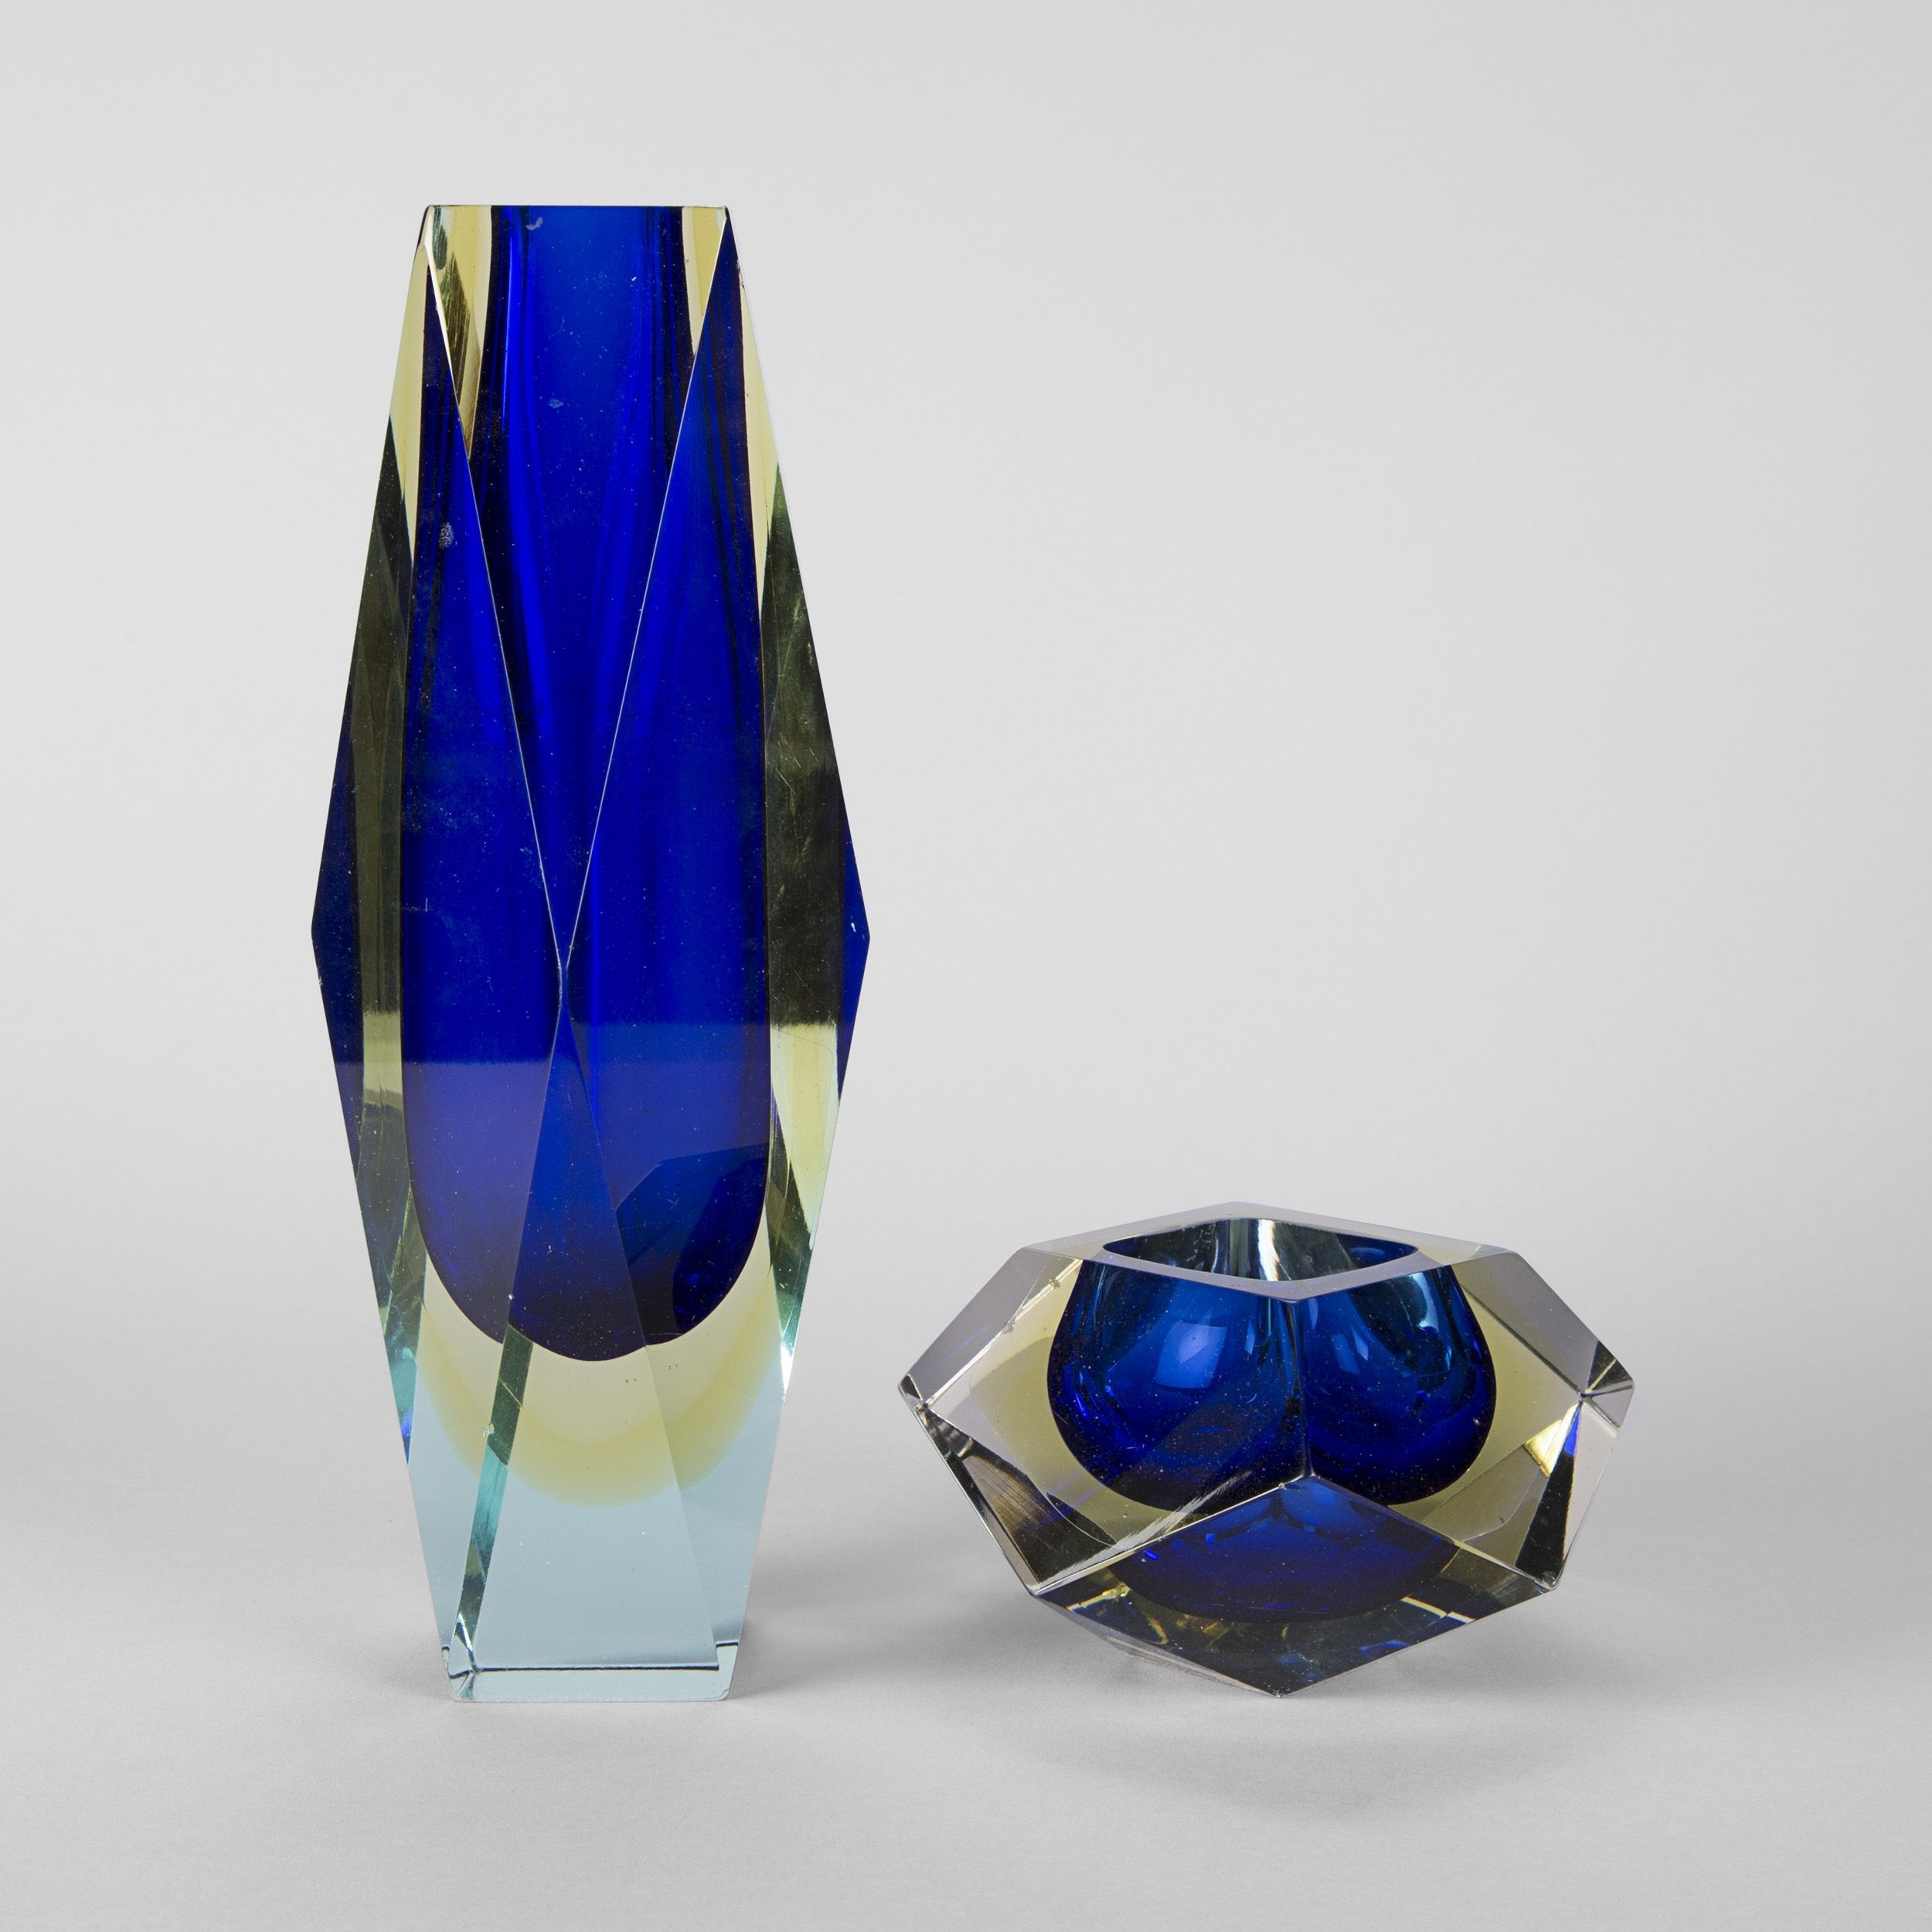 murano deux vases en verre pans coup s et une coupe 2015080246 expertissim murano. Black Bedroom Furniture Sets. Home Design Ideas